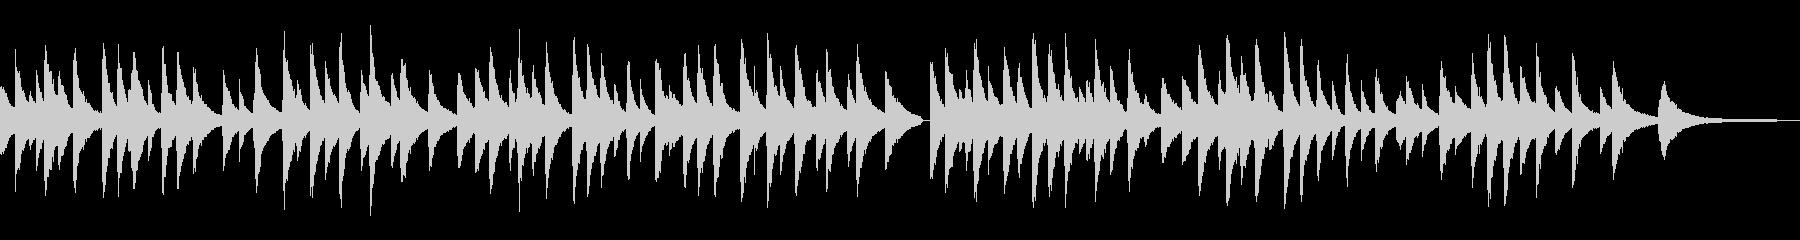 切ないジャズラウンジピアノソロ/外国民謡の未再生の波形